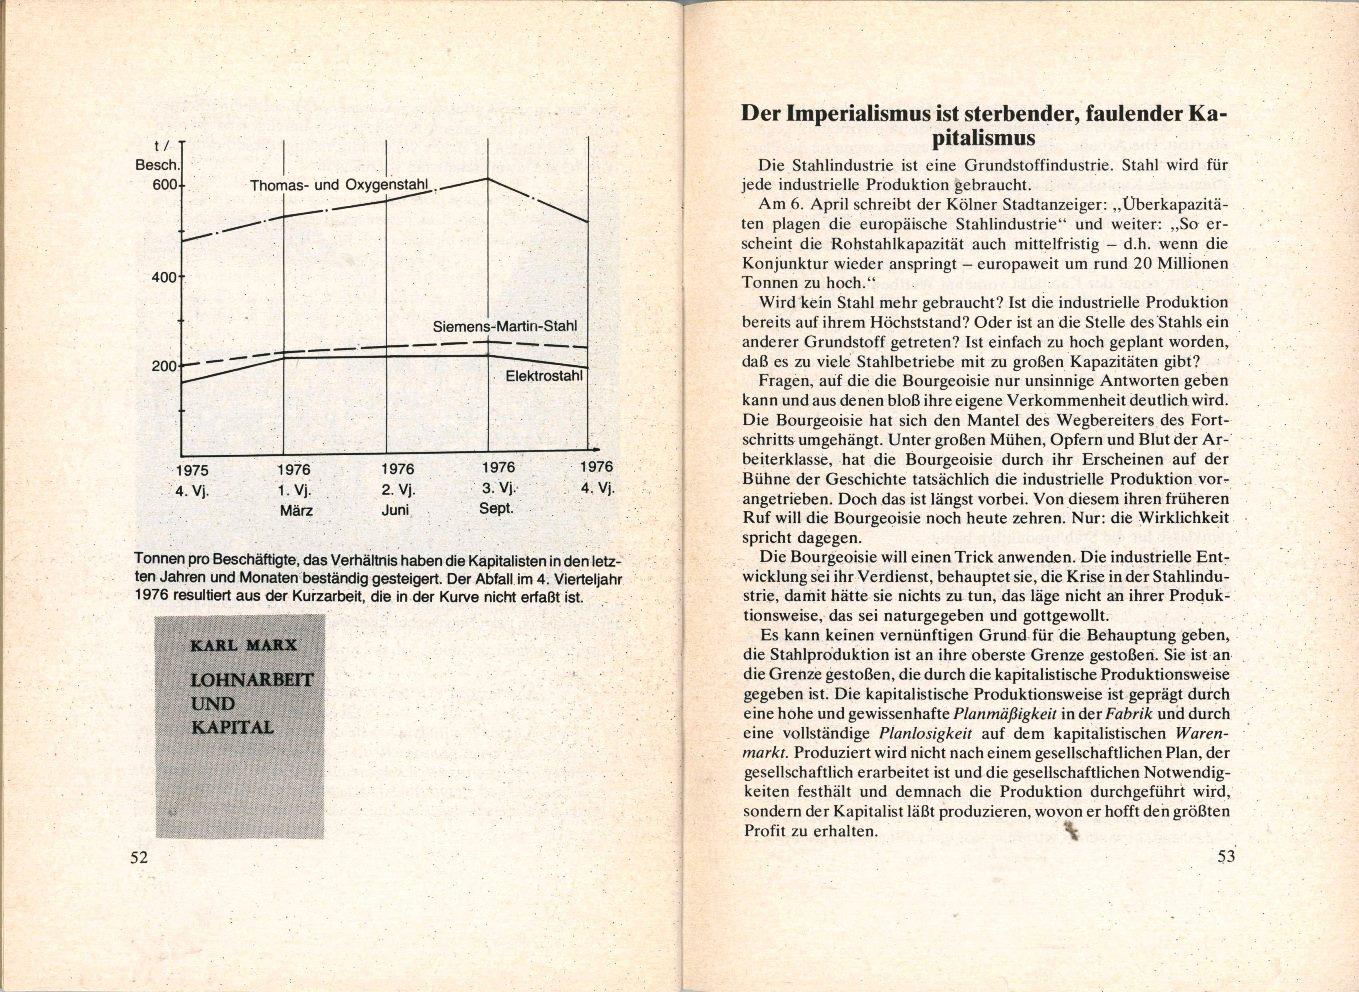 IGM_KBW_Krise_in_der_Stahlindustrie_1977_28